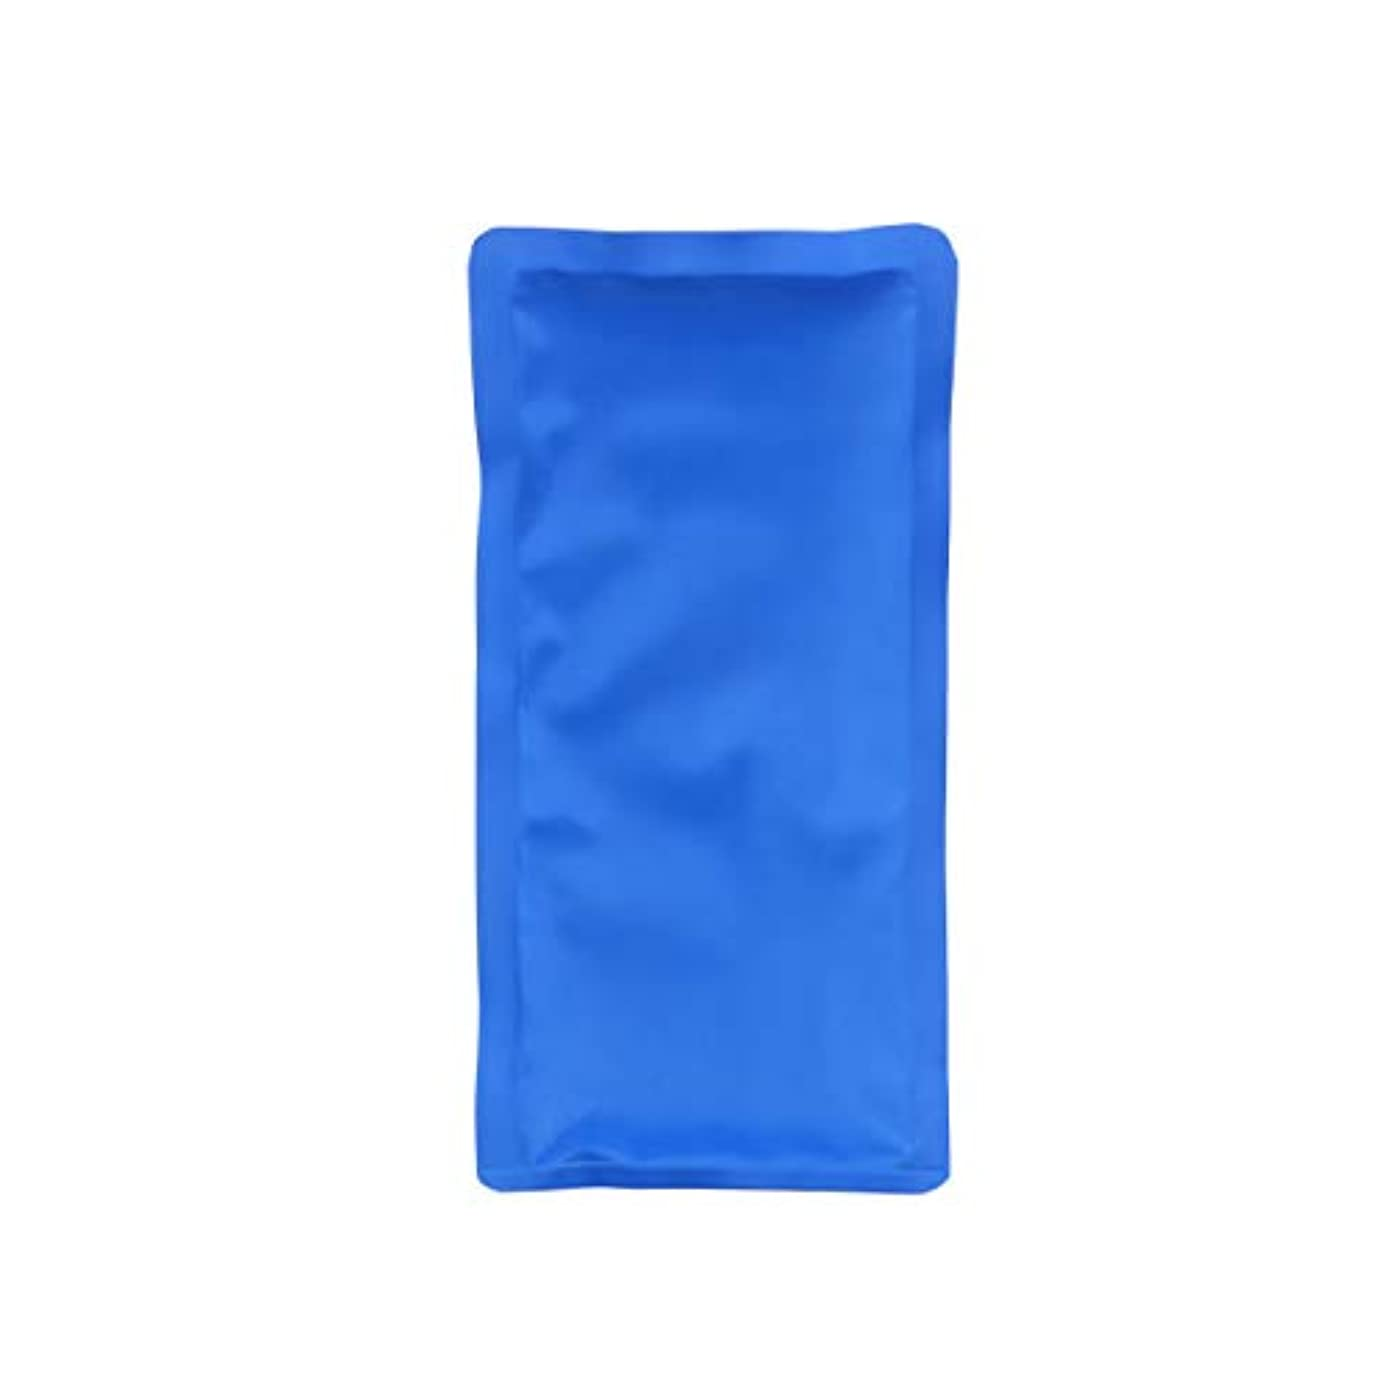 葡萄アンビエント失態傷害の子供および大人350MLのための熱い冷たいゲルのアイスパックの圧縮の覆い